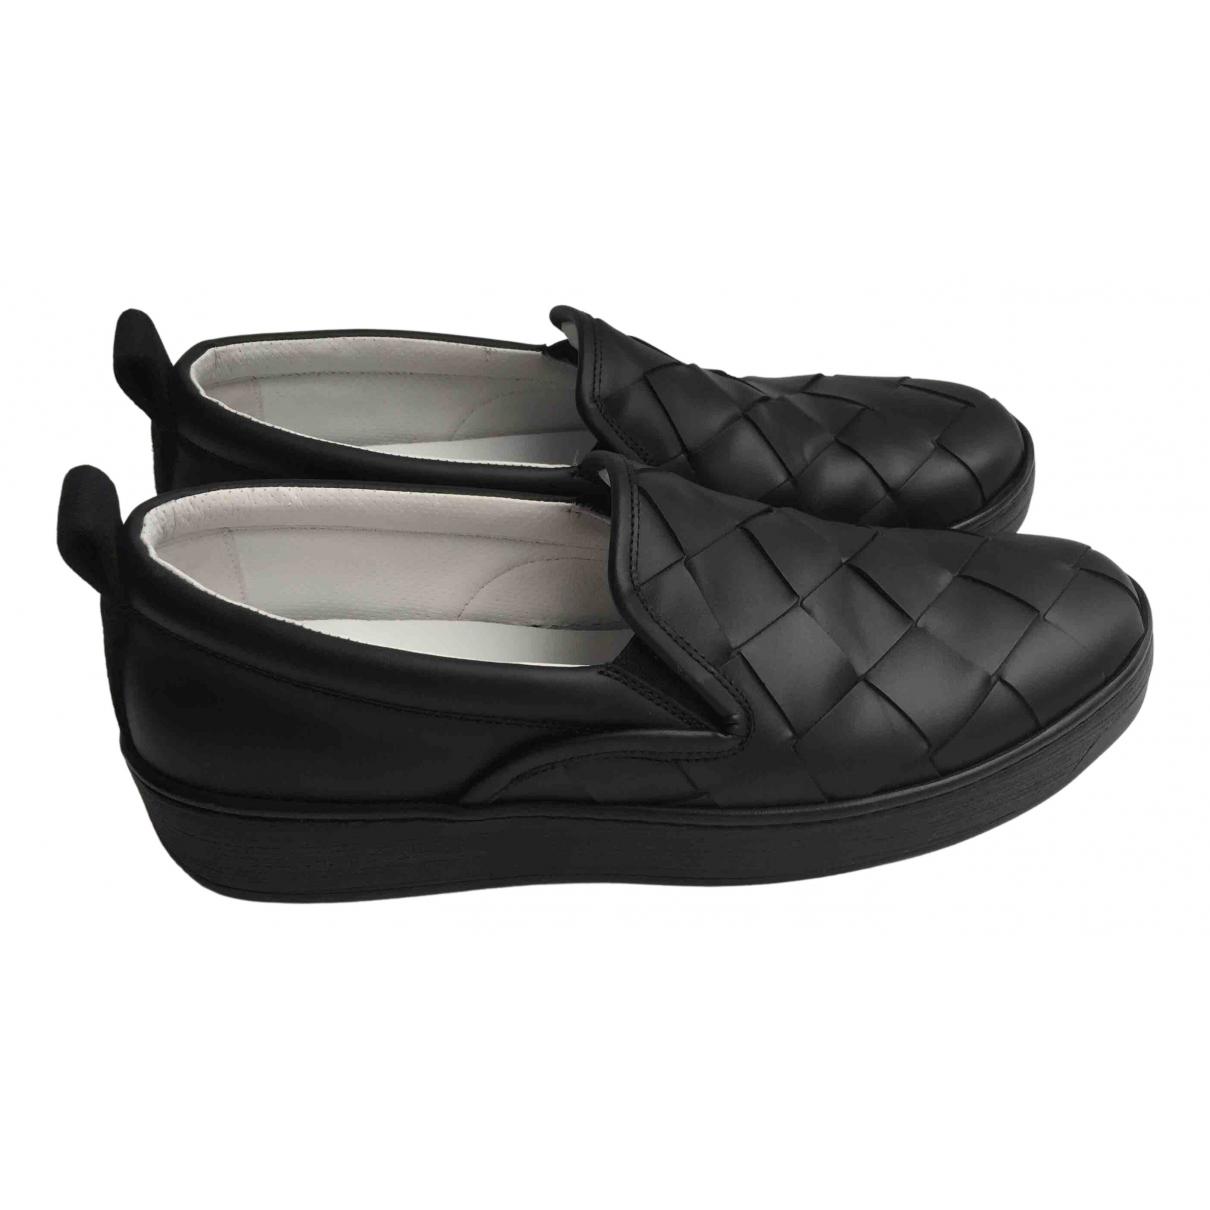 Bottega Veneta - Baskets   pour homme en cuir - noir